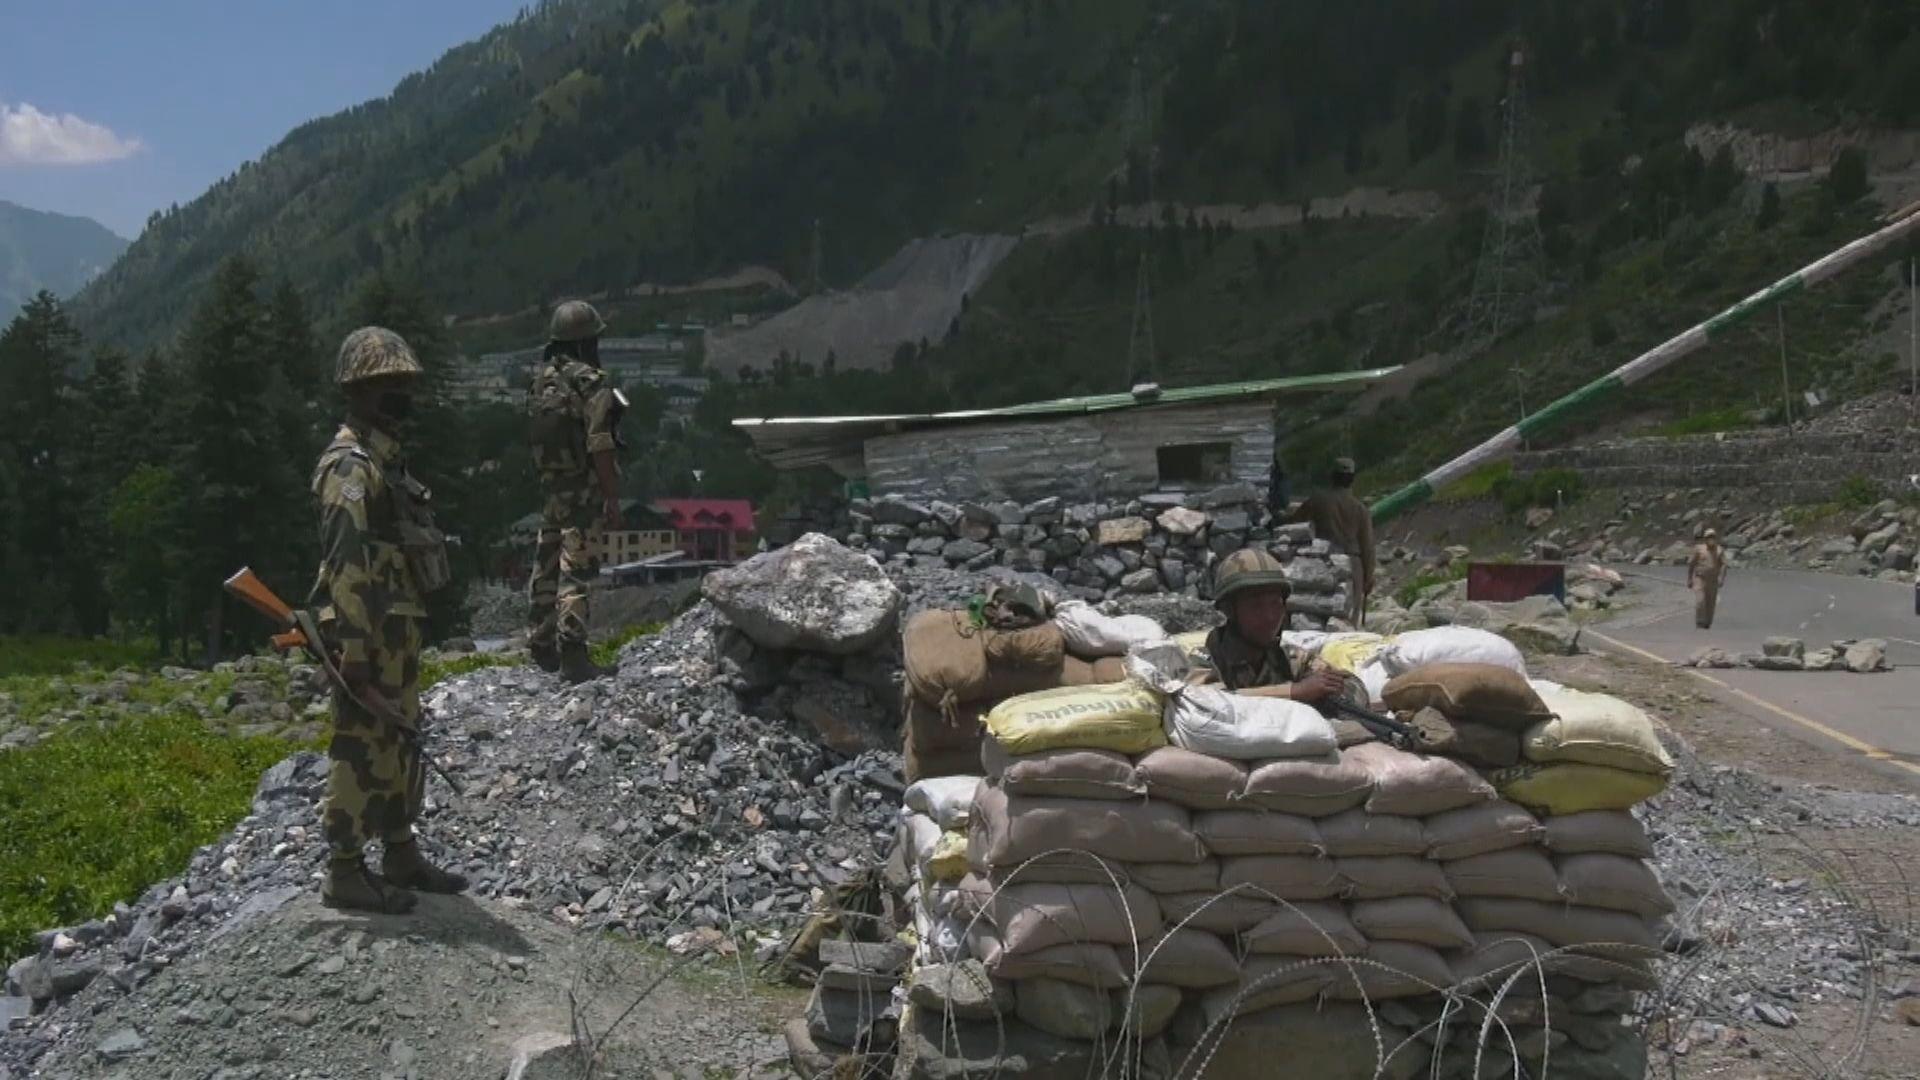 中印衝突蔓延至貿易層面 據報印度將加強檢查來自中國貨物